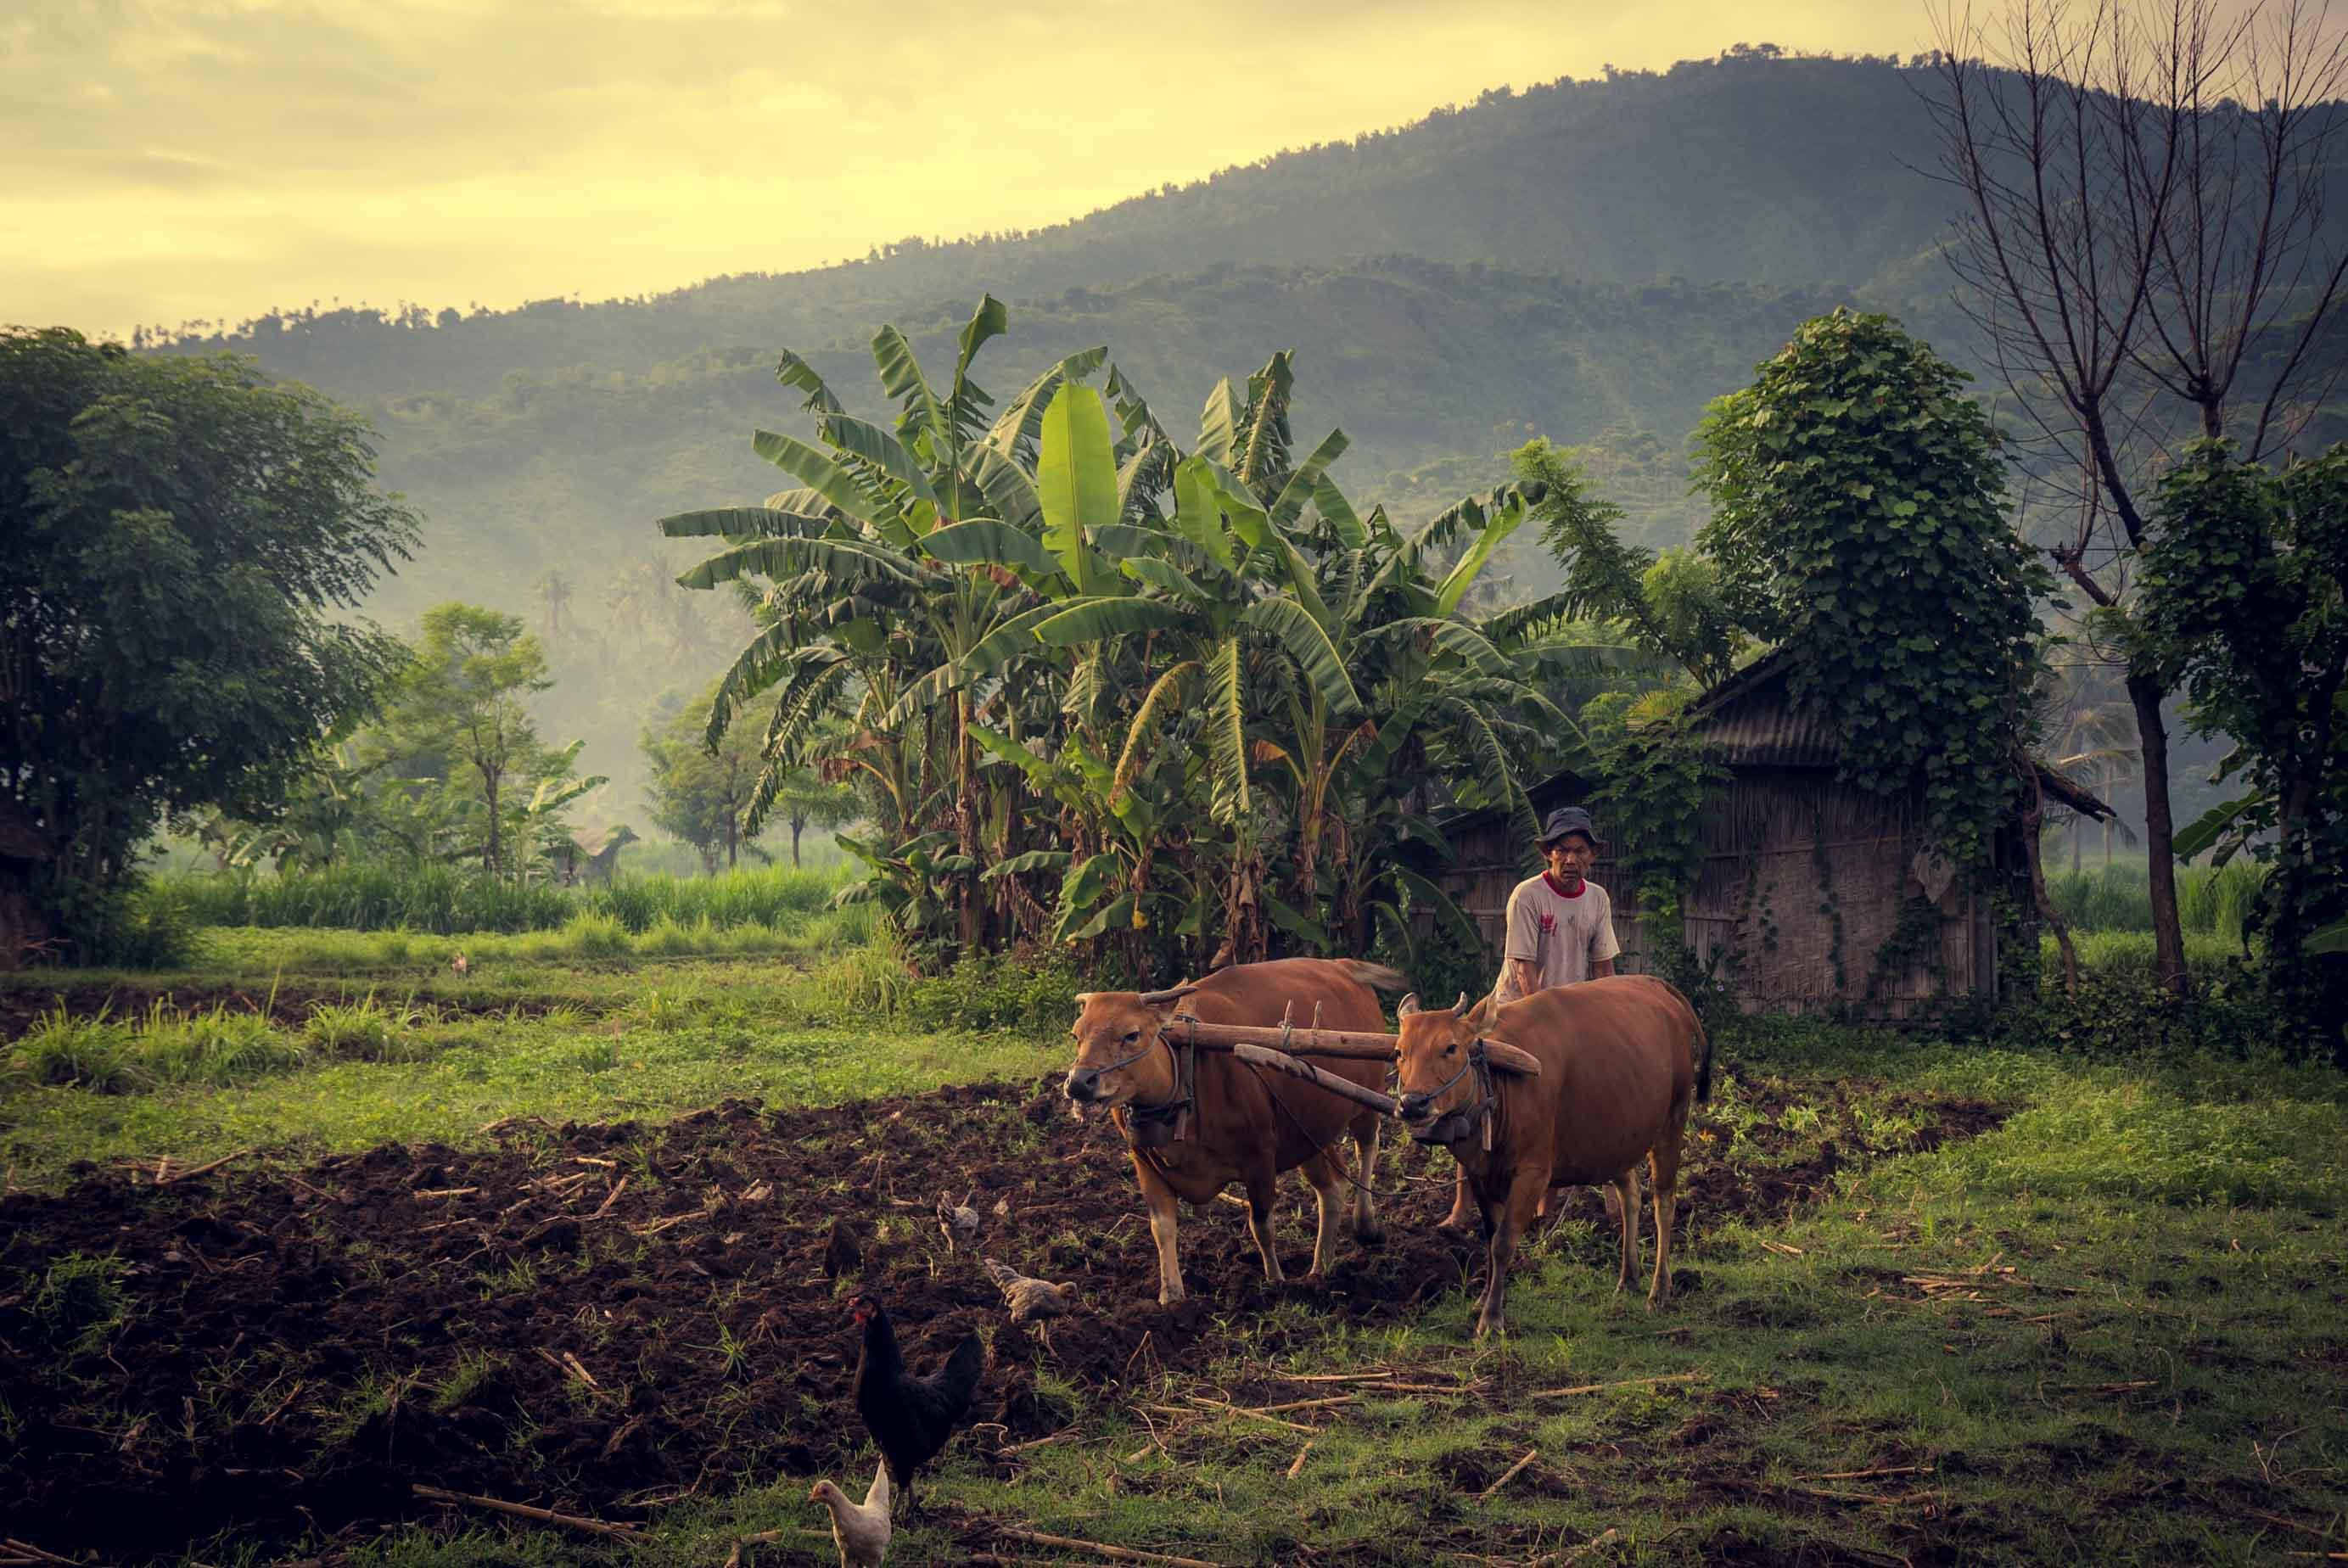 Bali, Amed, rice terrace, montagne, jungle, rizière, culture, Indonésie, Indonesia, vache, cow